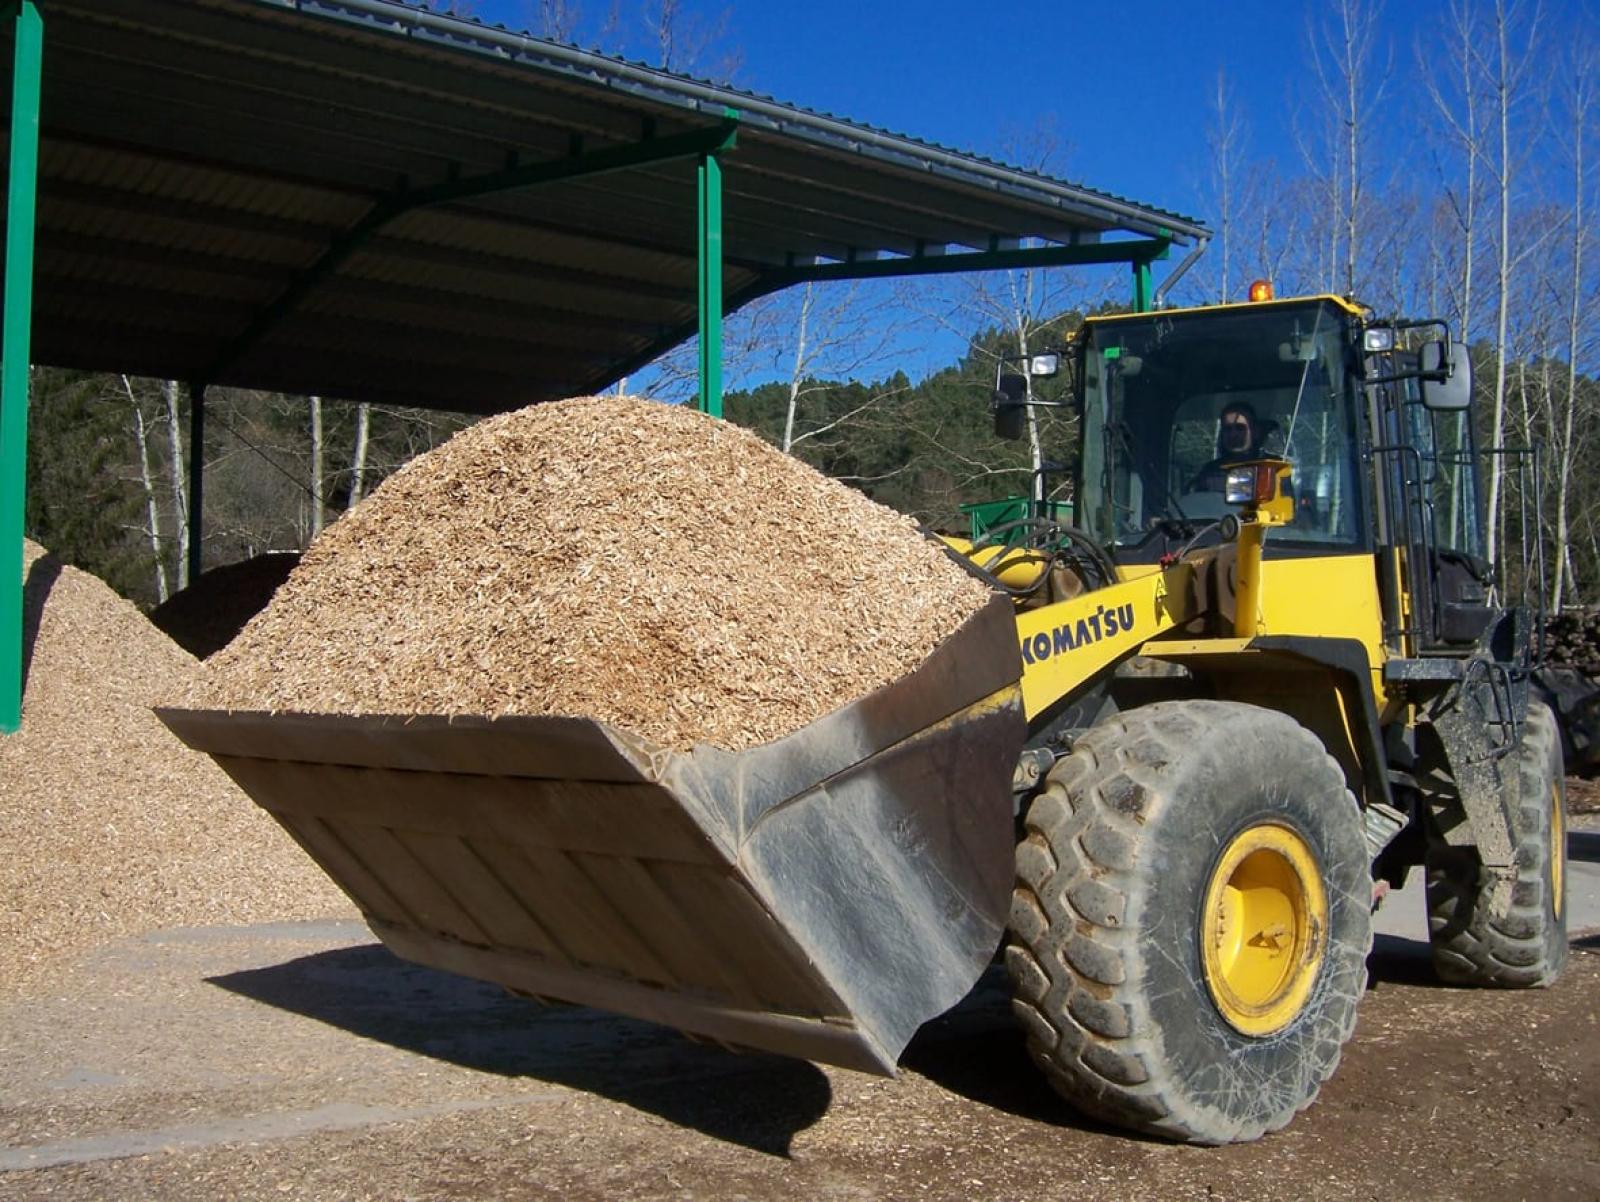 Tractament de biomassa forestal per a la generació d'energia tèrmica a Barcelona